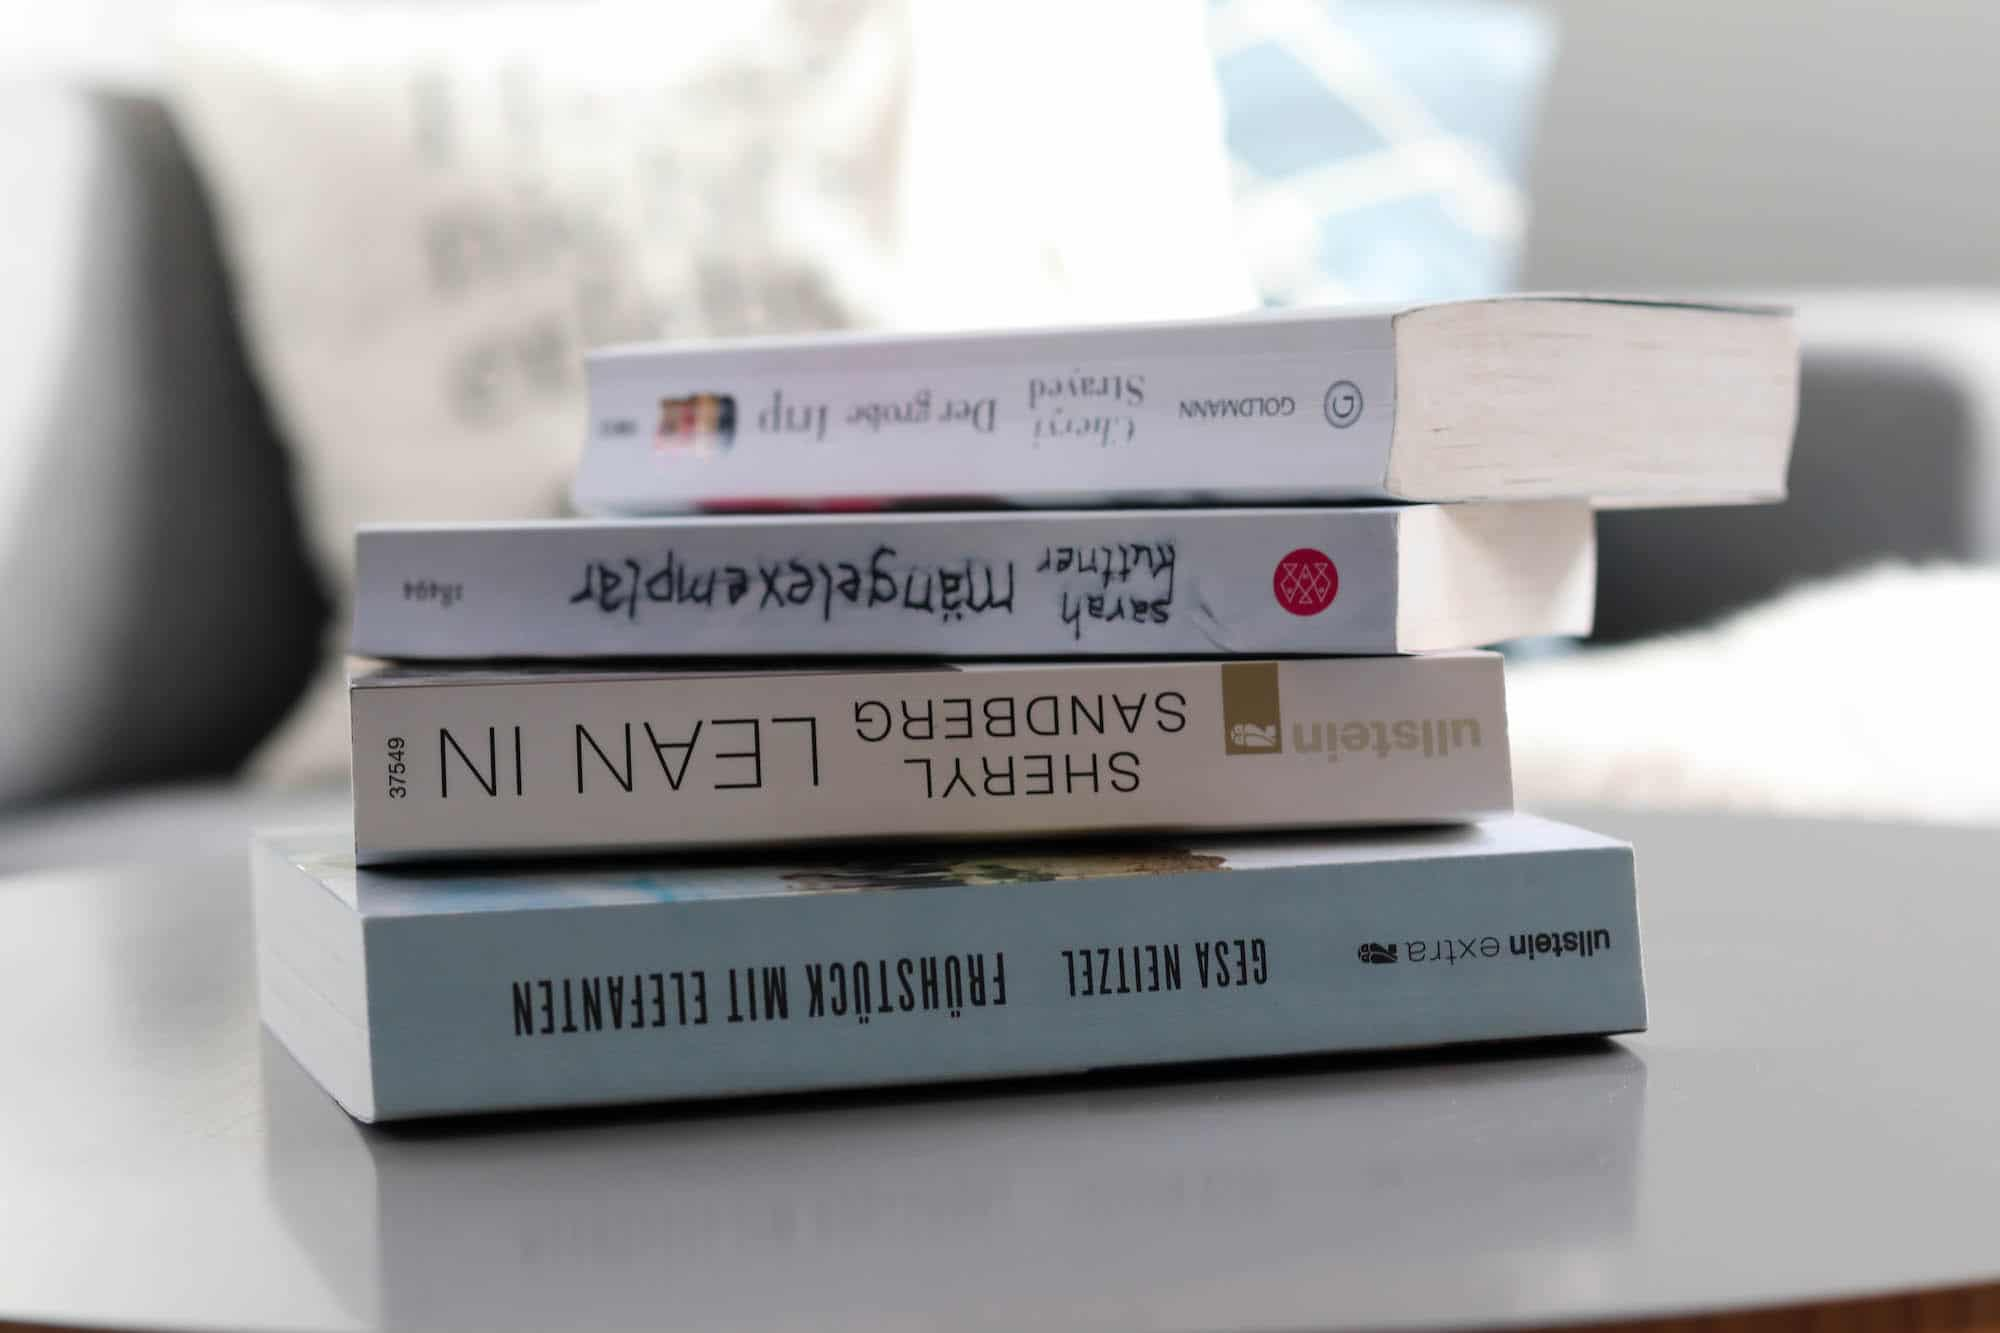 frauen, die inspirieren book review